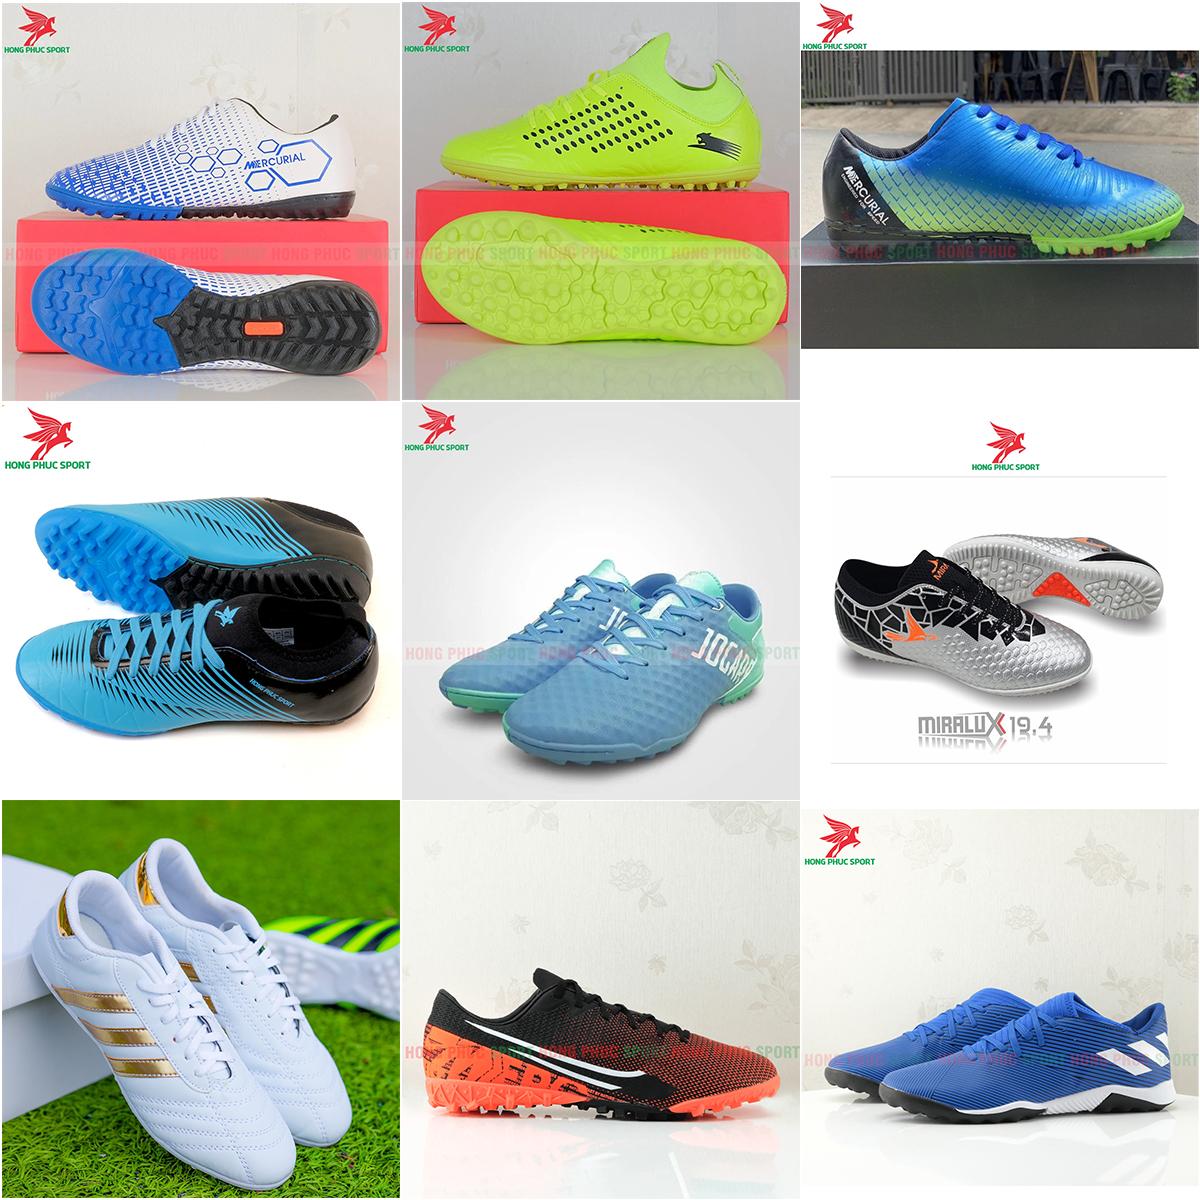 Hồng Phúc Sport cung cấp giày bóng đá Sỉ và Lẻ